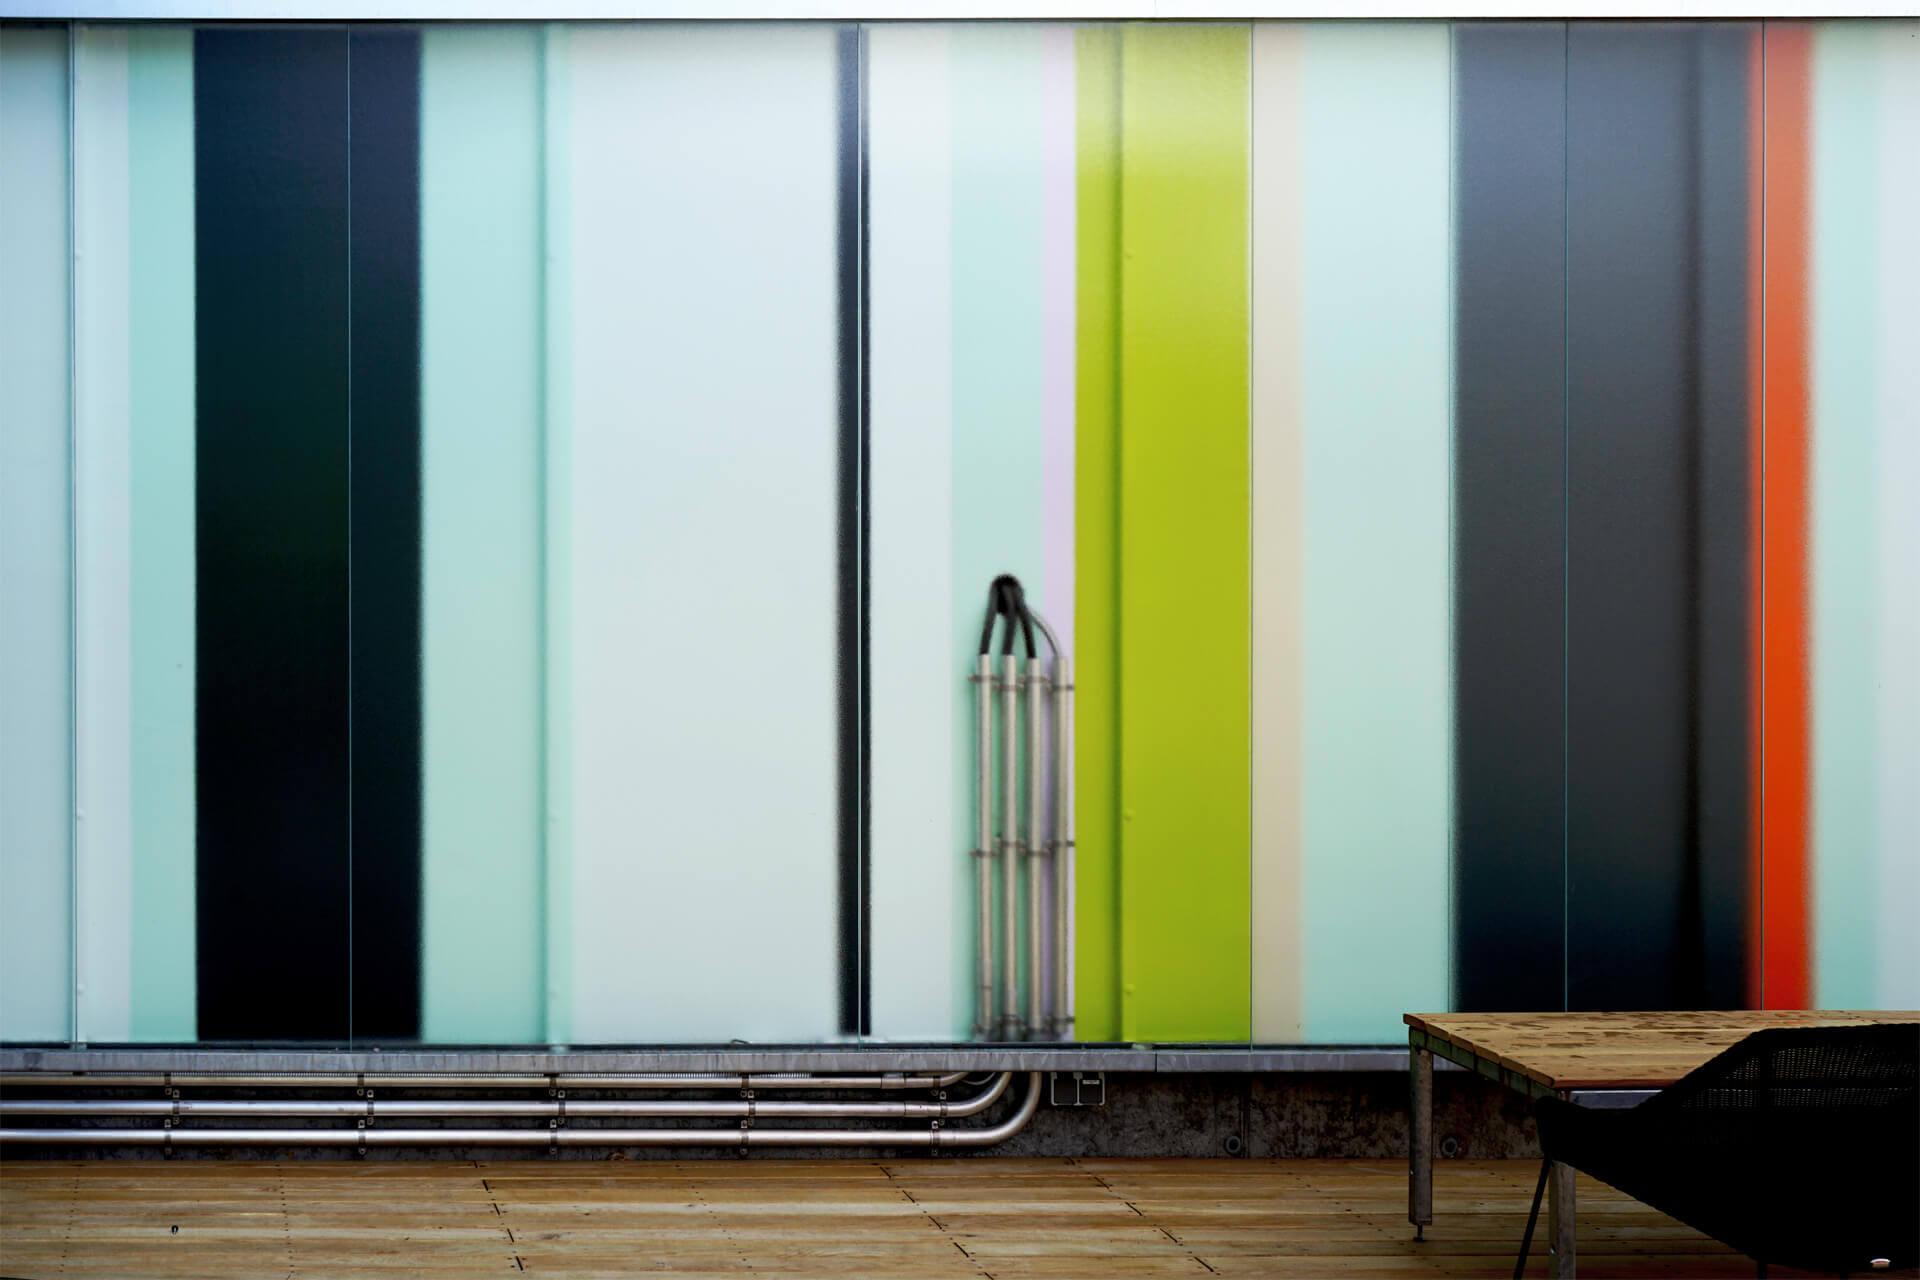 Croma_Headquarter_Architekturprojekt_farbgestaltung_ingo_nussbaumer_querkraft_Detail2